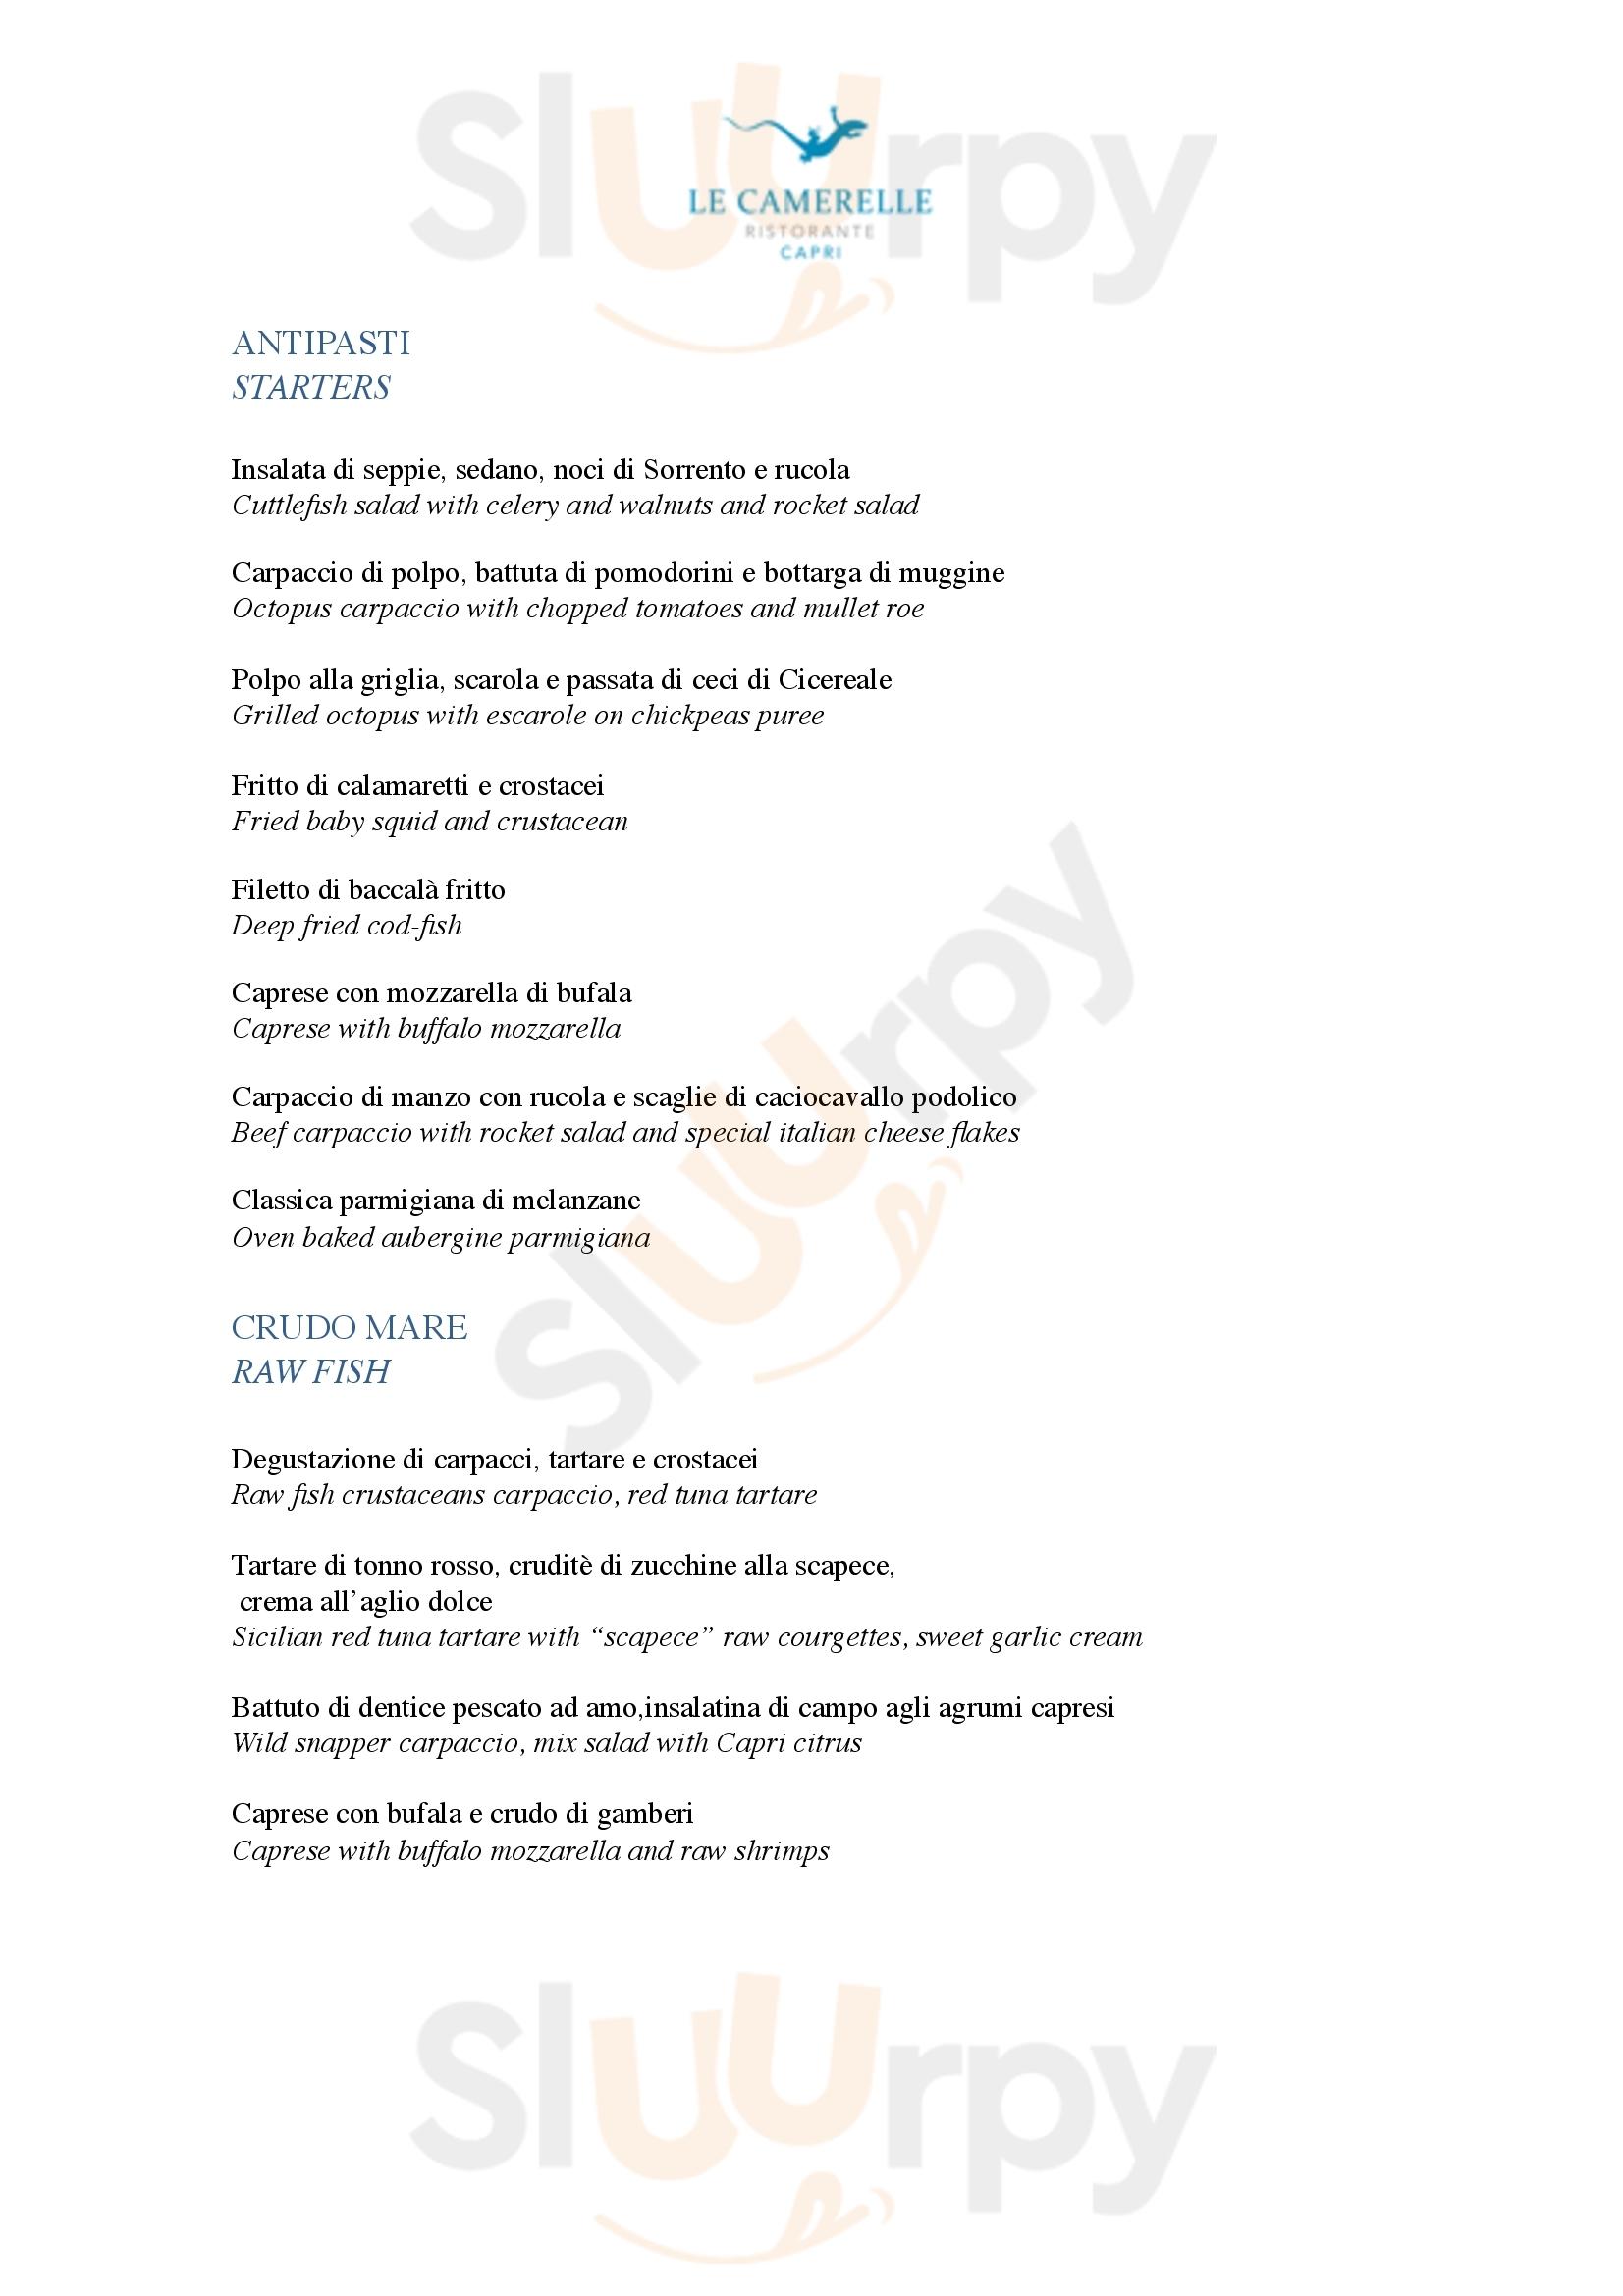 Le Camerelle Capri menù 1 pagina